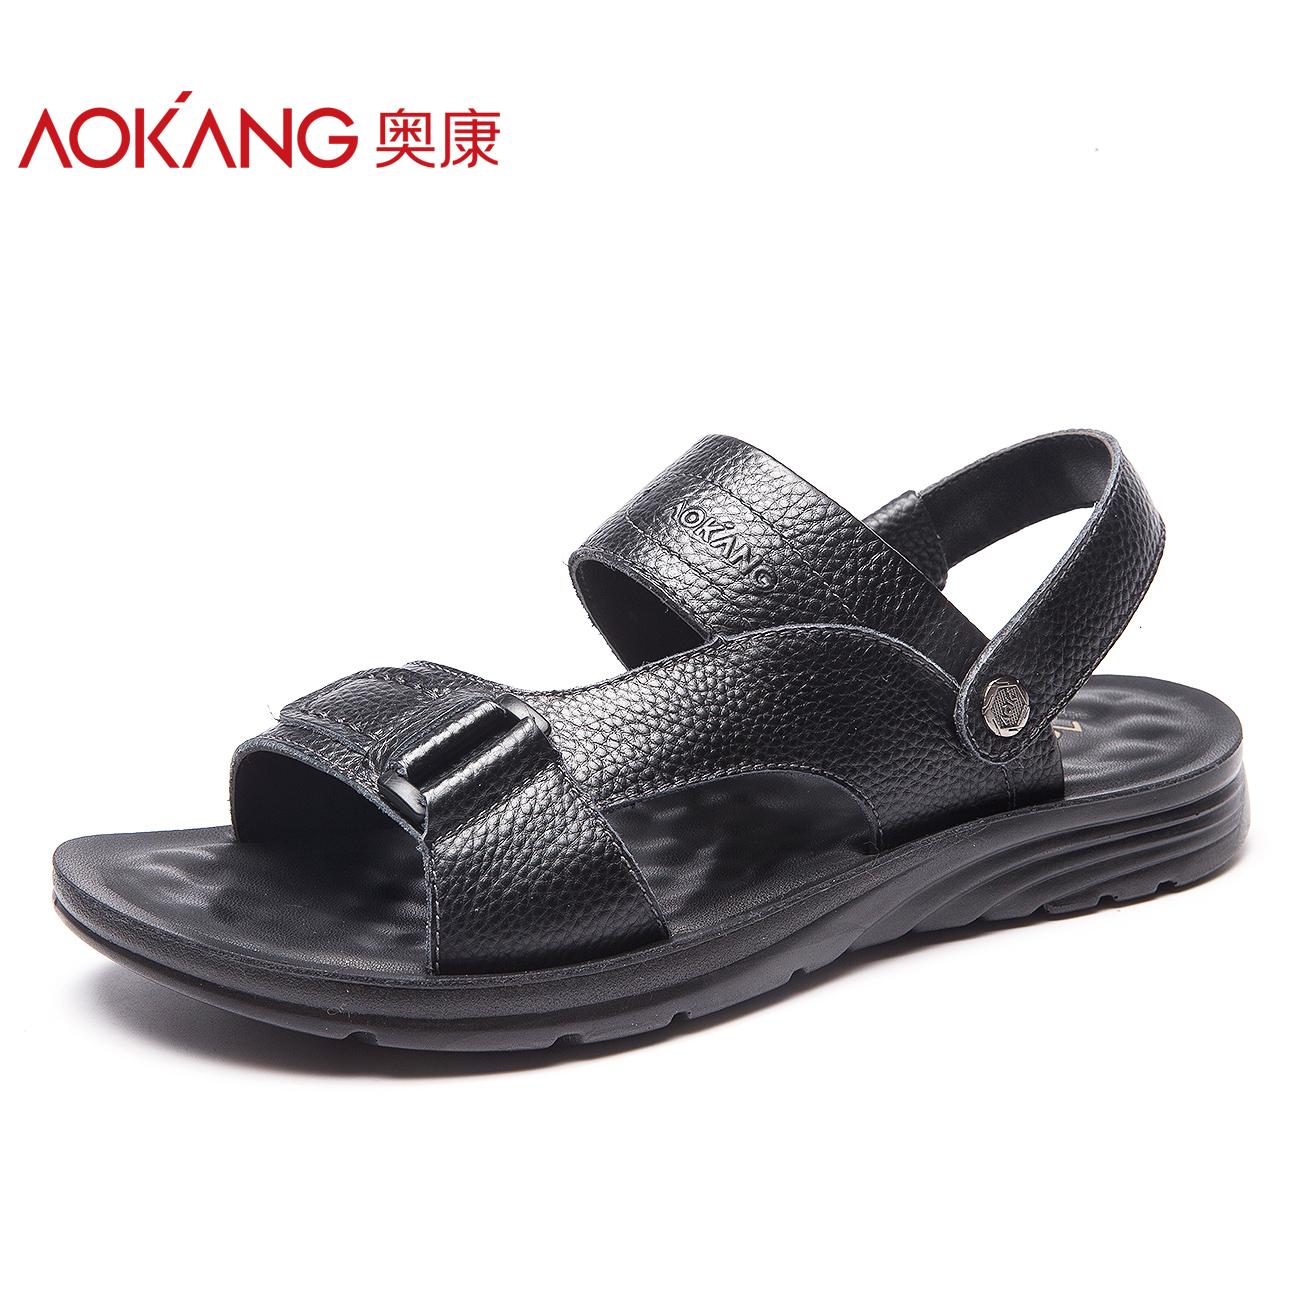 透气舒适沙滩鞋男鞋男士夏季真皮沙滩鞋两穿休闲凉拖鞋奥康凉鞋